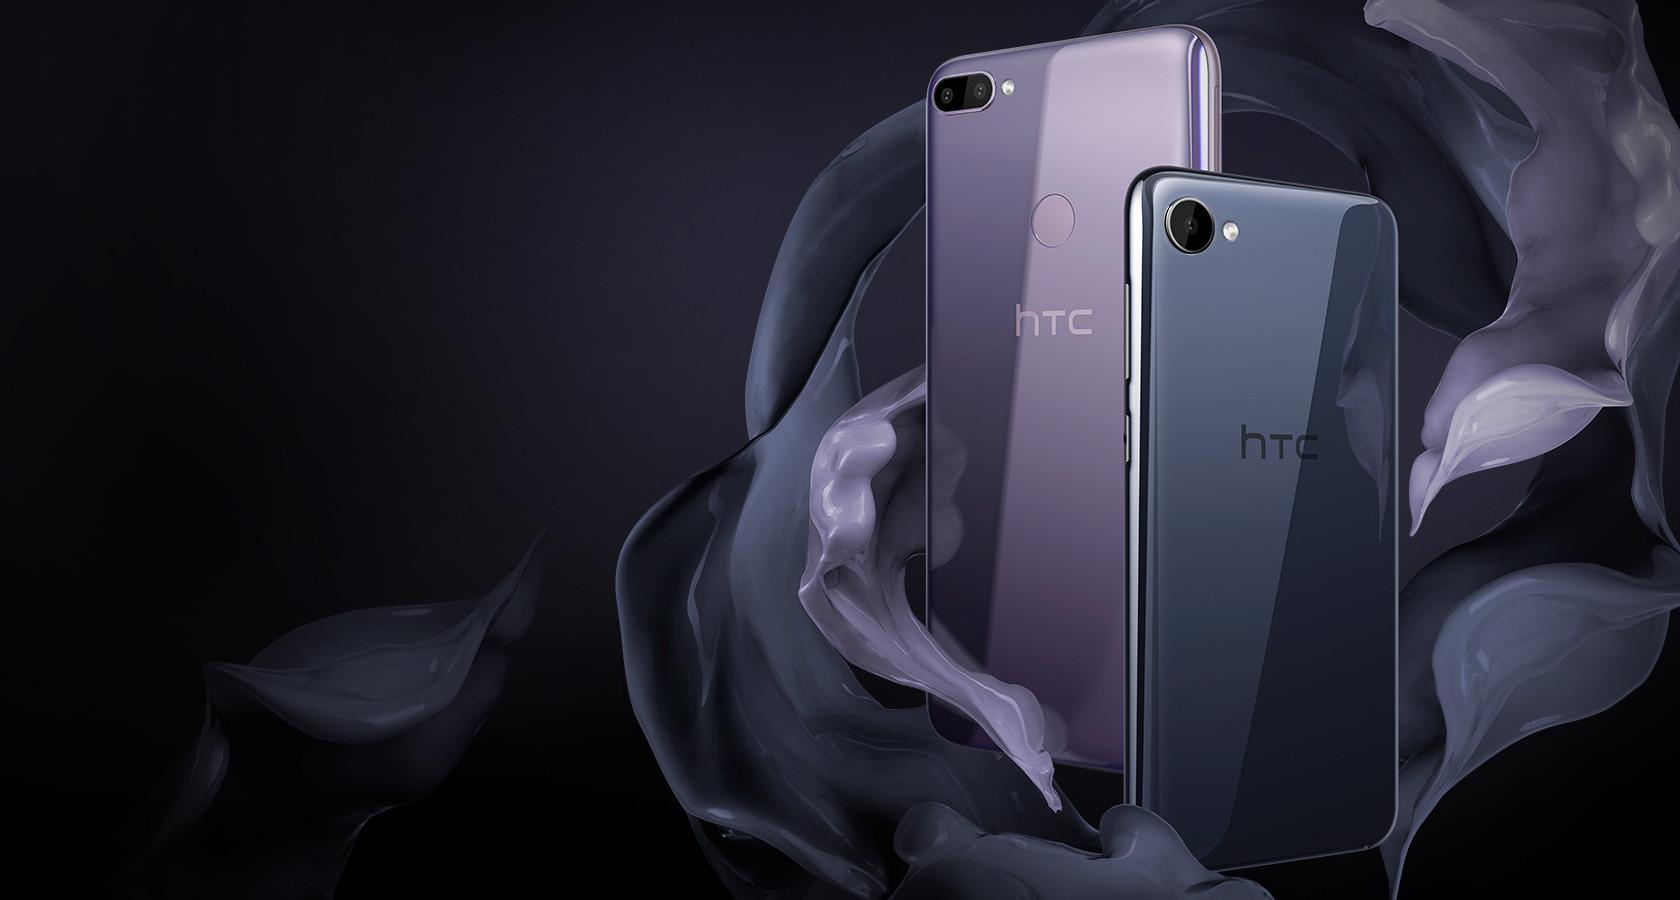 HTC n'a pas oublié les smartphones et compte sortir un mobile 5G dans le courant de l'année